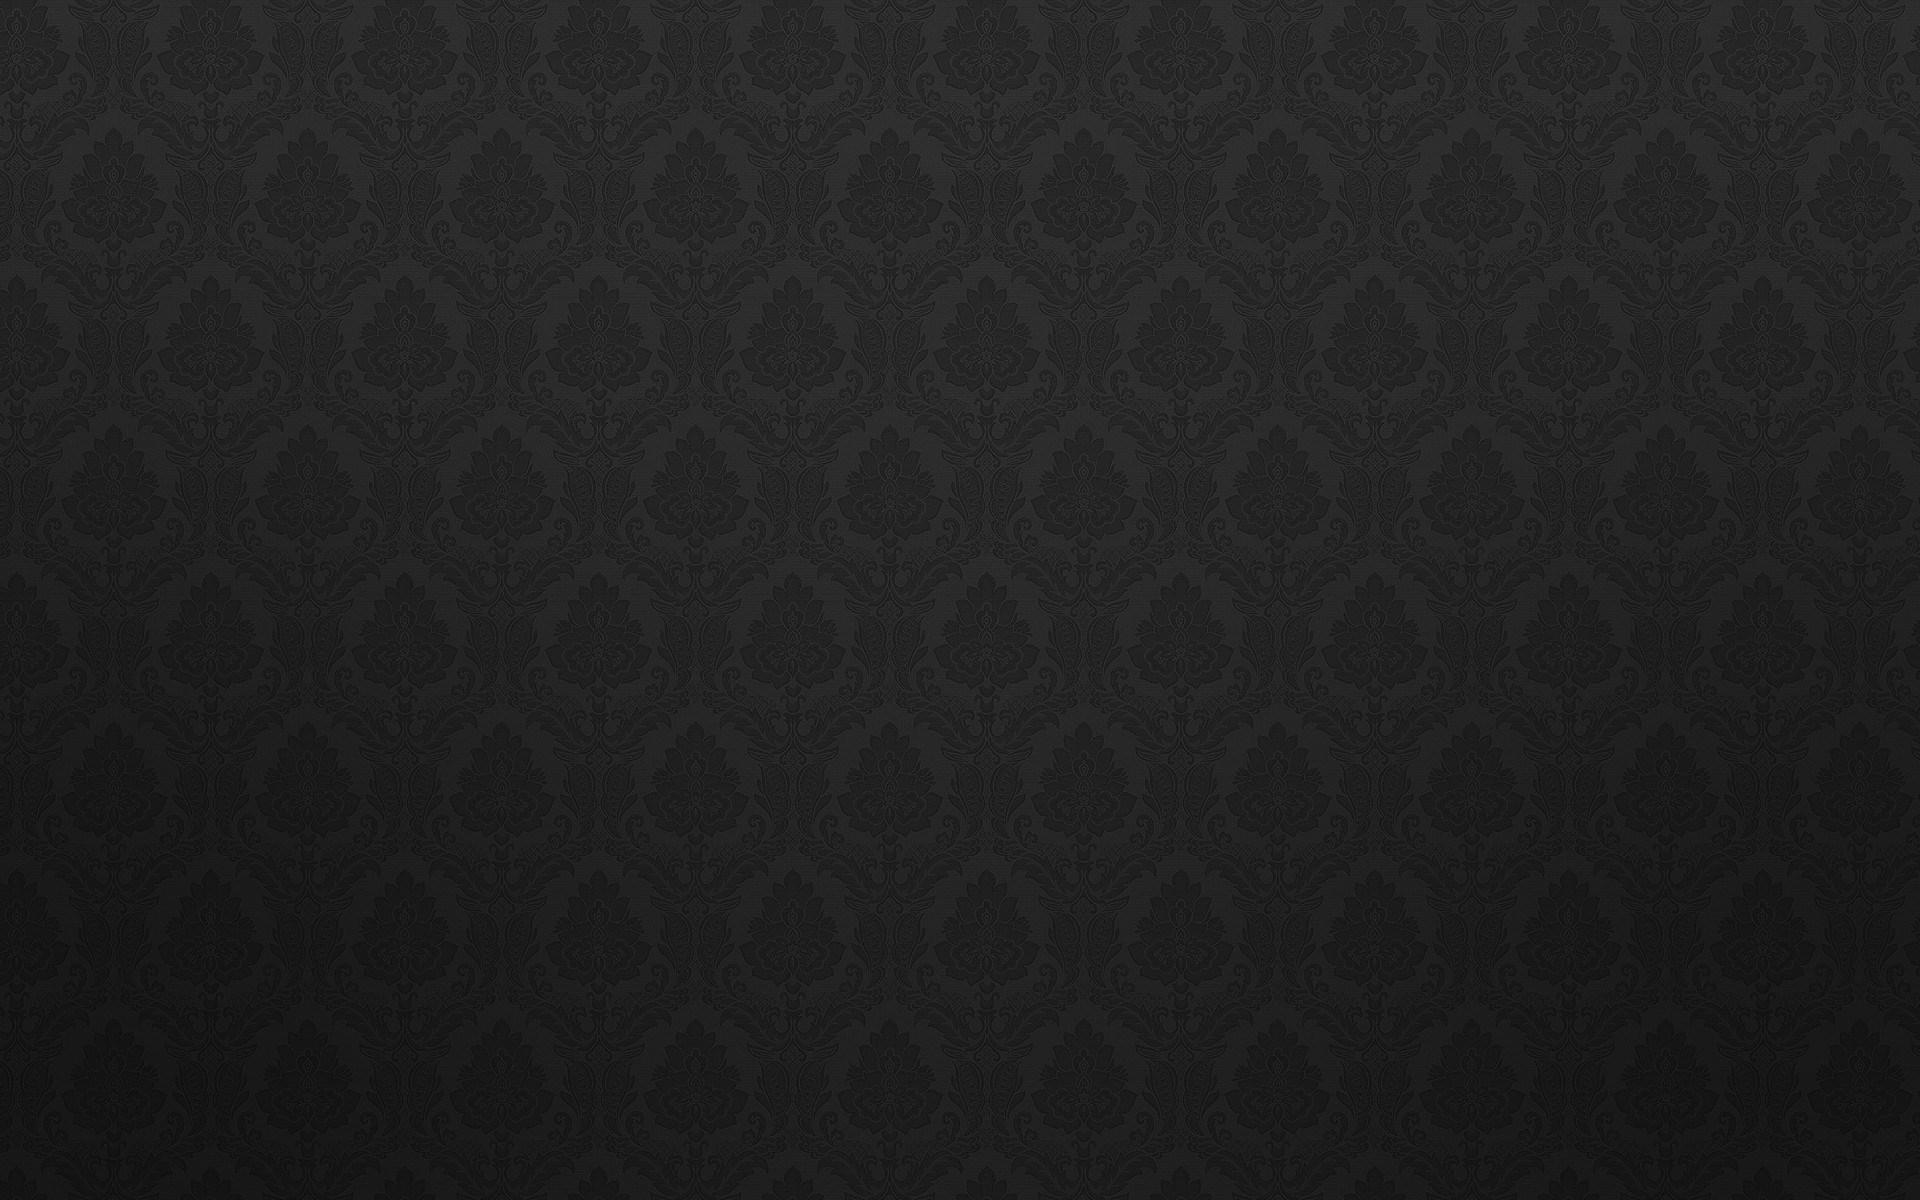 wallpaper.wiki-HD-wallpaper-otife-dark-black-plain-